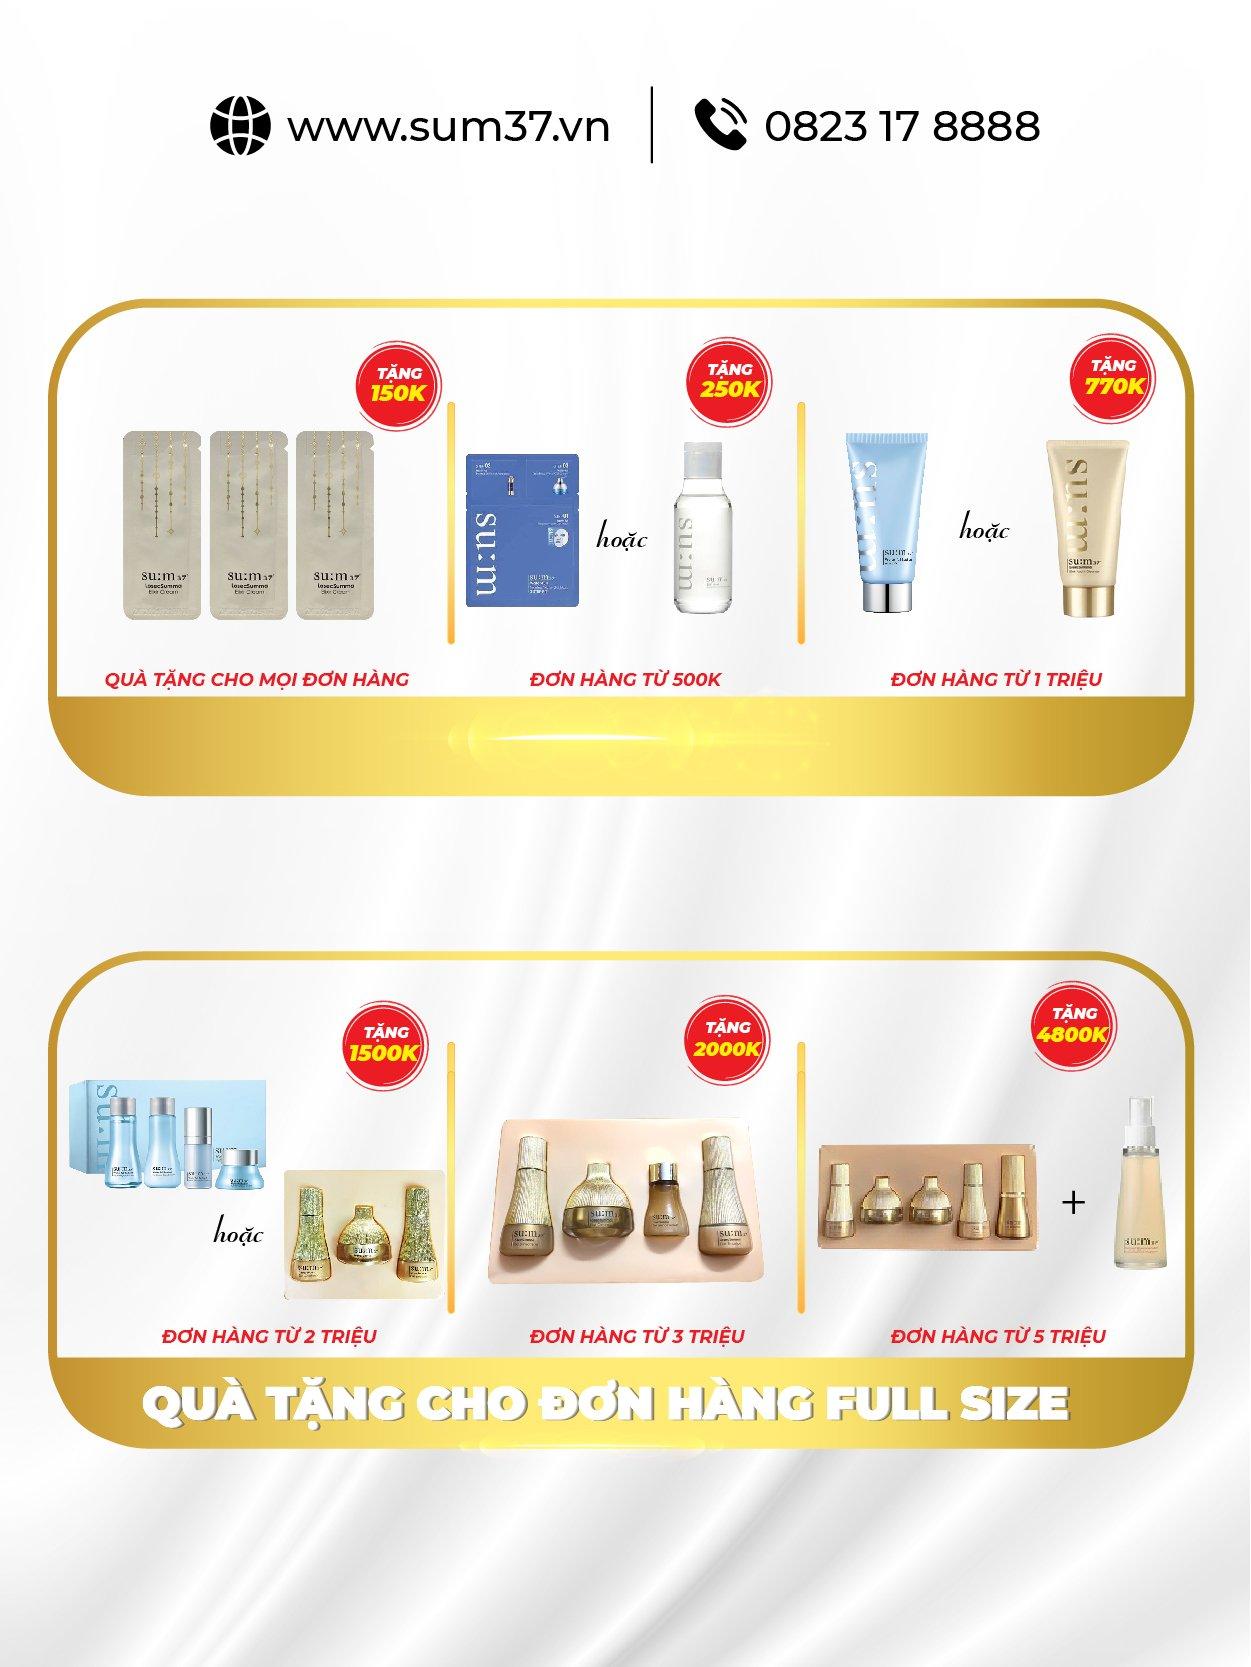 Bộ trang điểm Sum37 LosecSumma Makeup Special Set